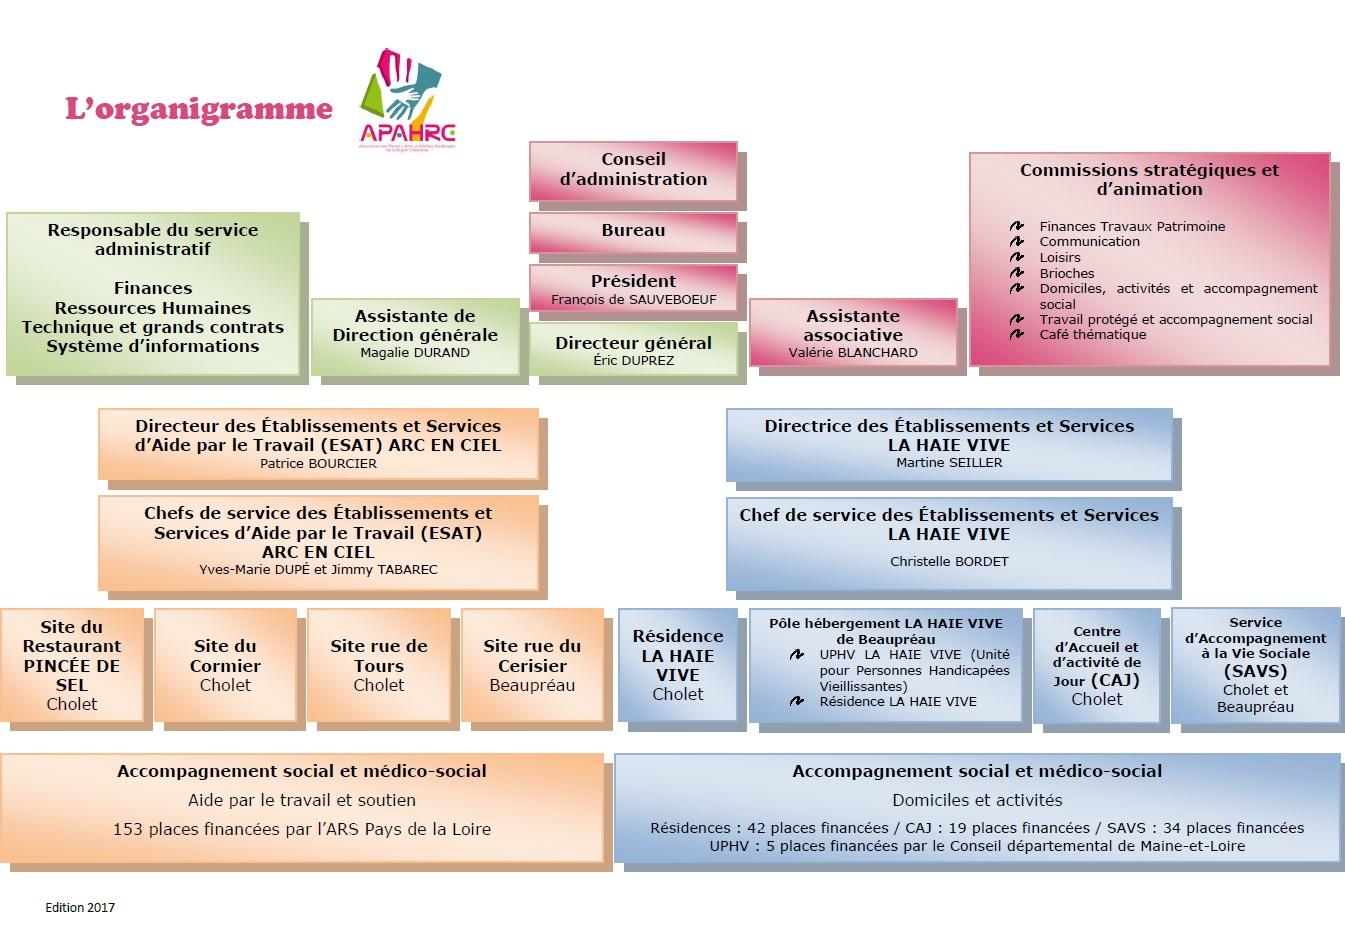 Organigramme 2017